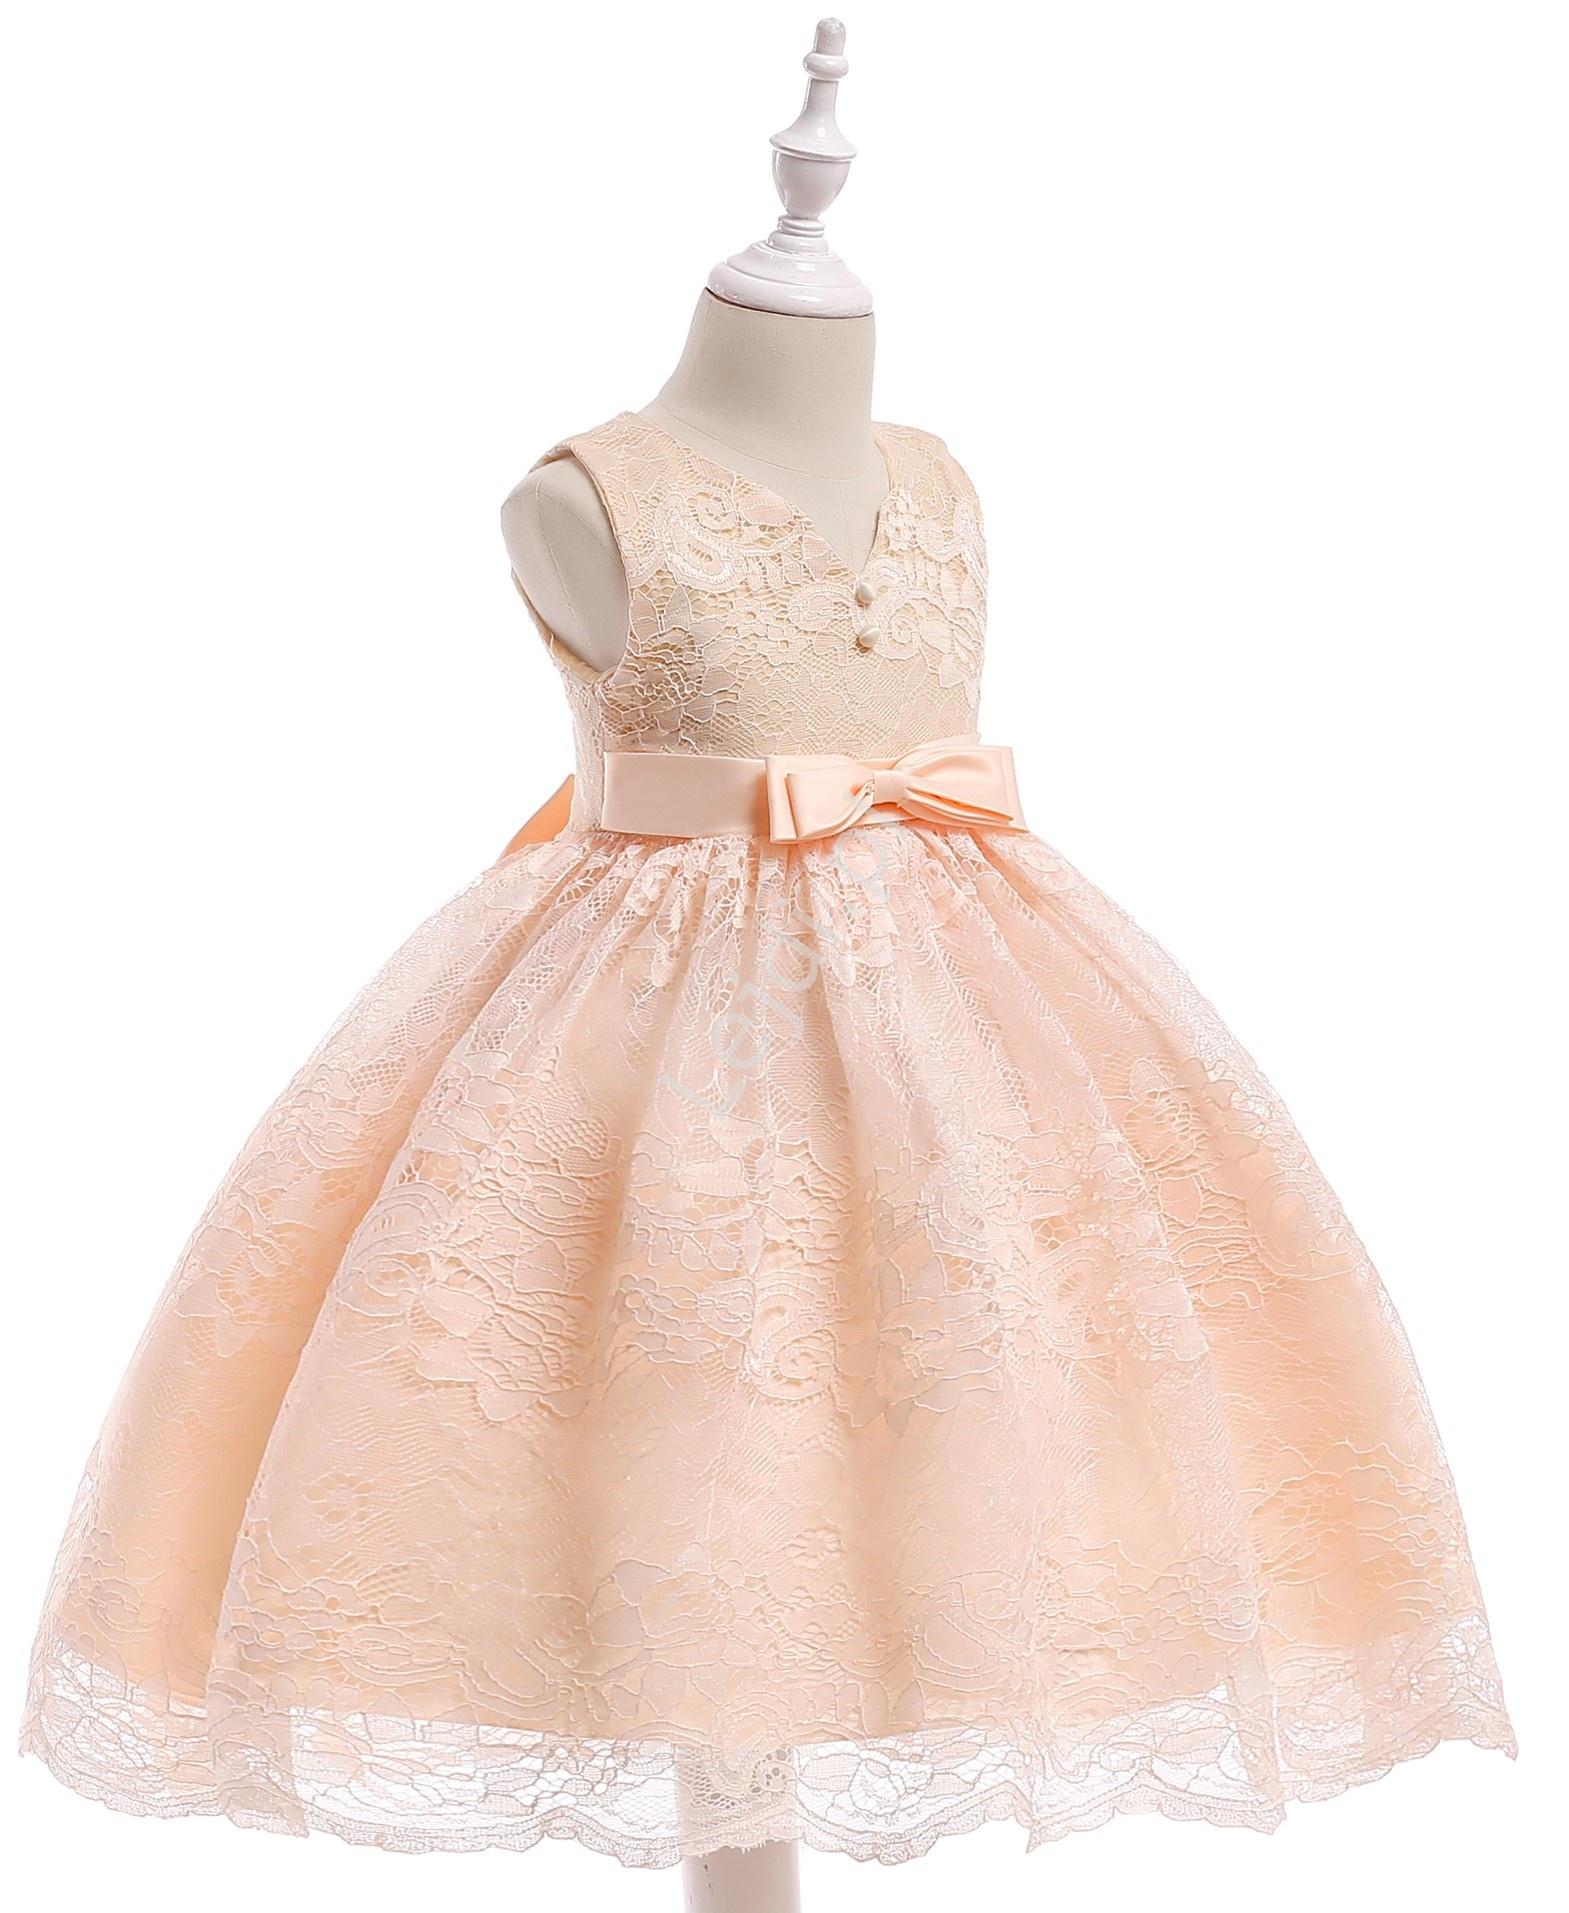 a2b24c7e82 Koronkowa sukienka dla dziewczynki z kokardami - szampańska - Lejdi.pl